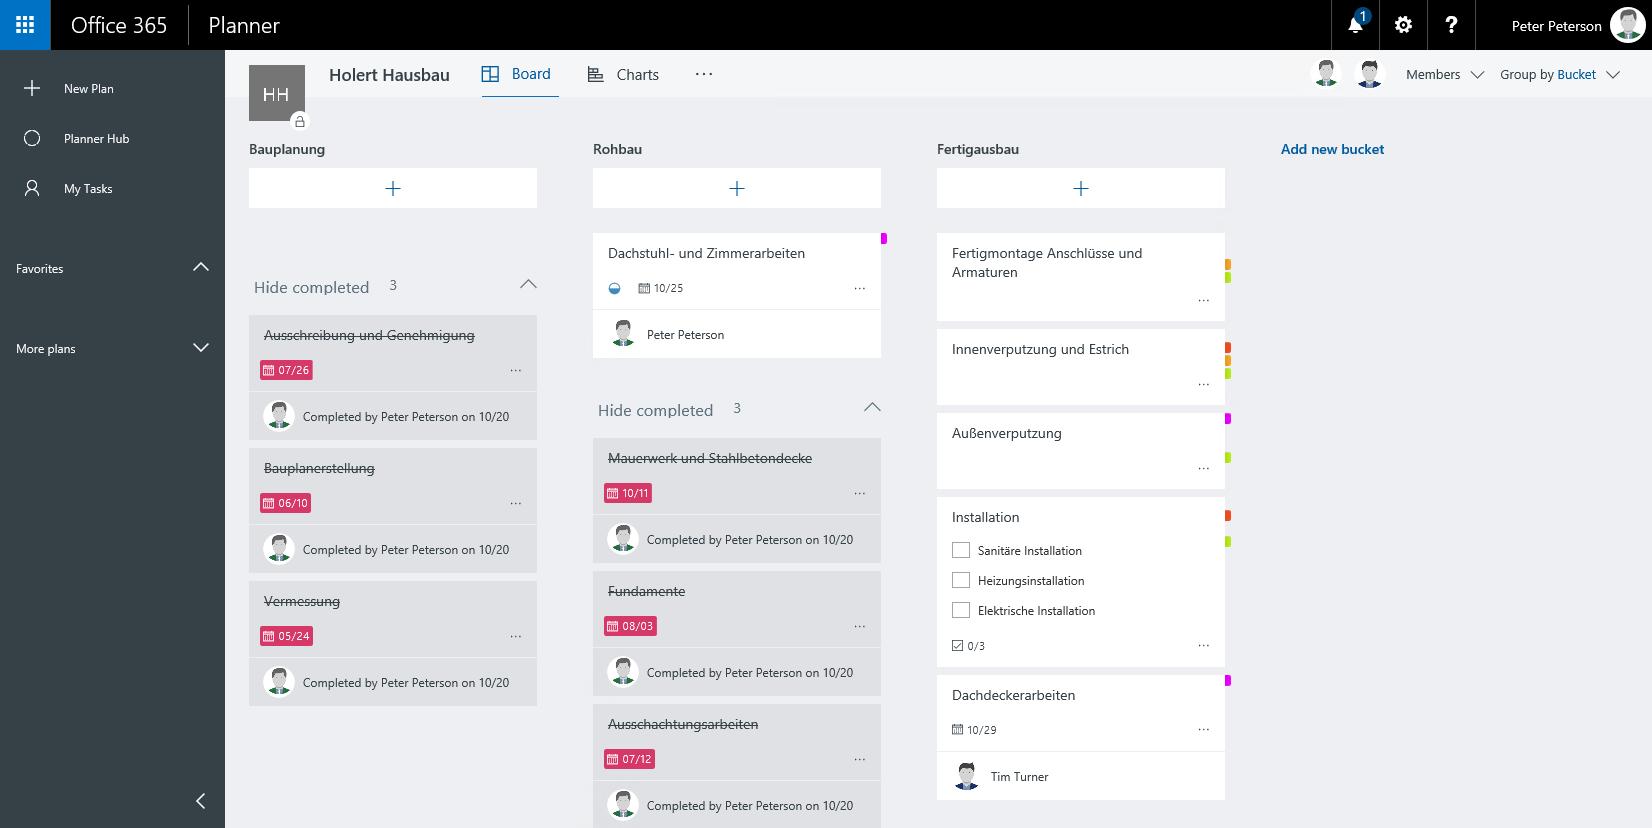 Office 365 Planner Screenshot